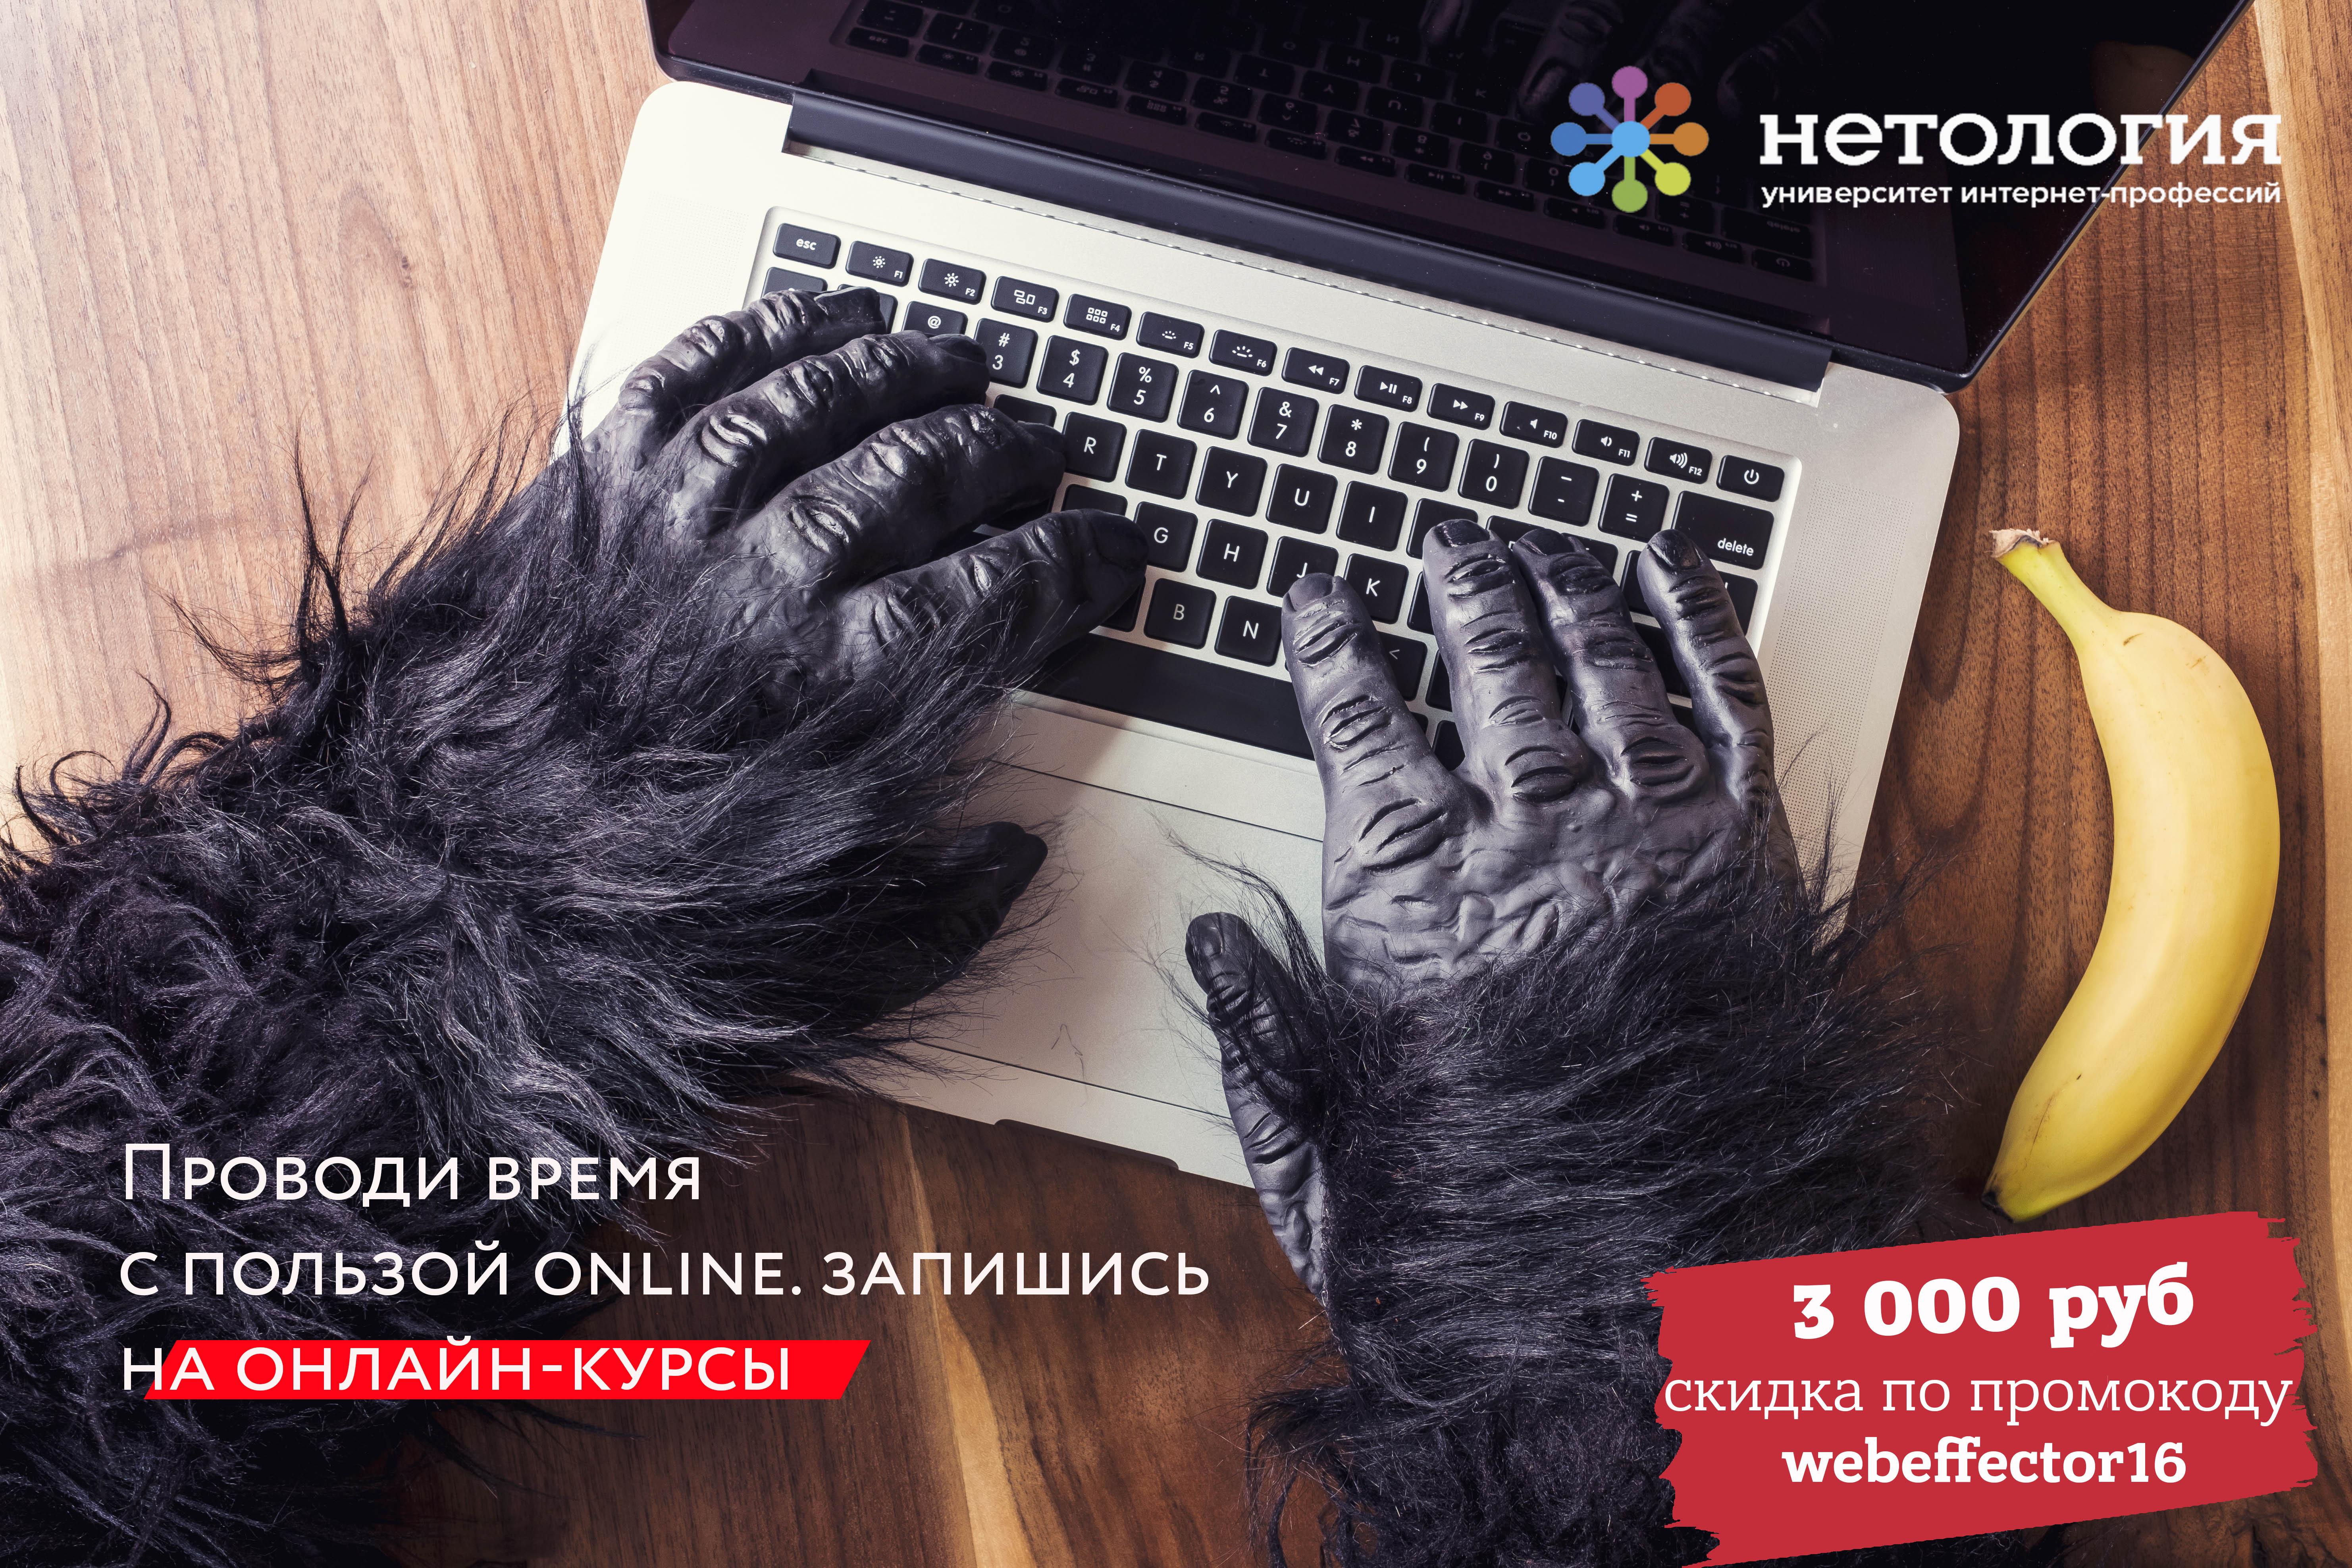 Скидочный промокод на 3 000 руб.  на все онлайн-курсы для наших подписчиков — webeffector16